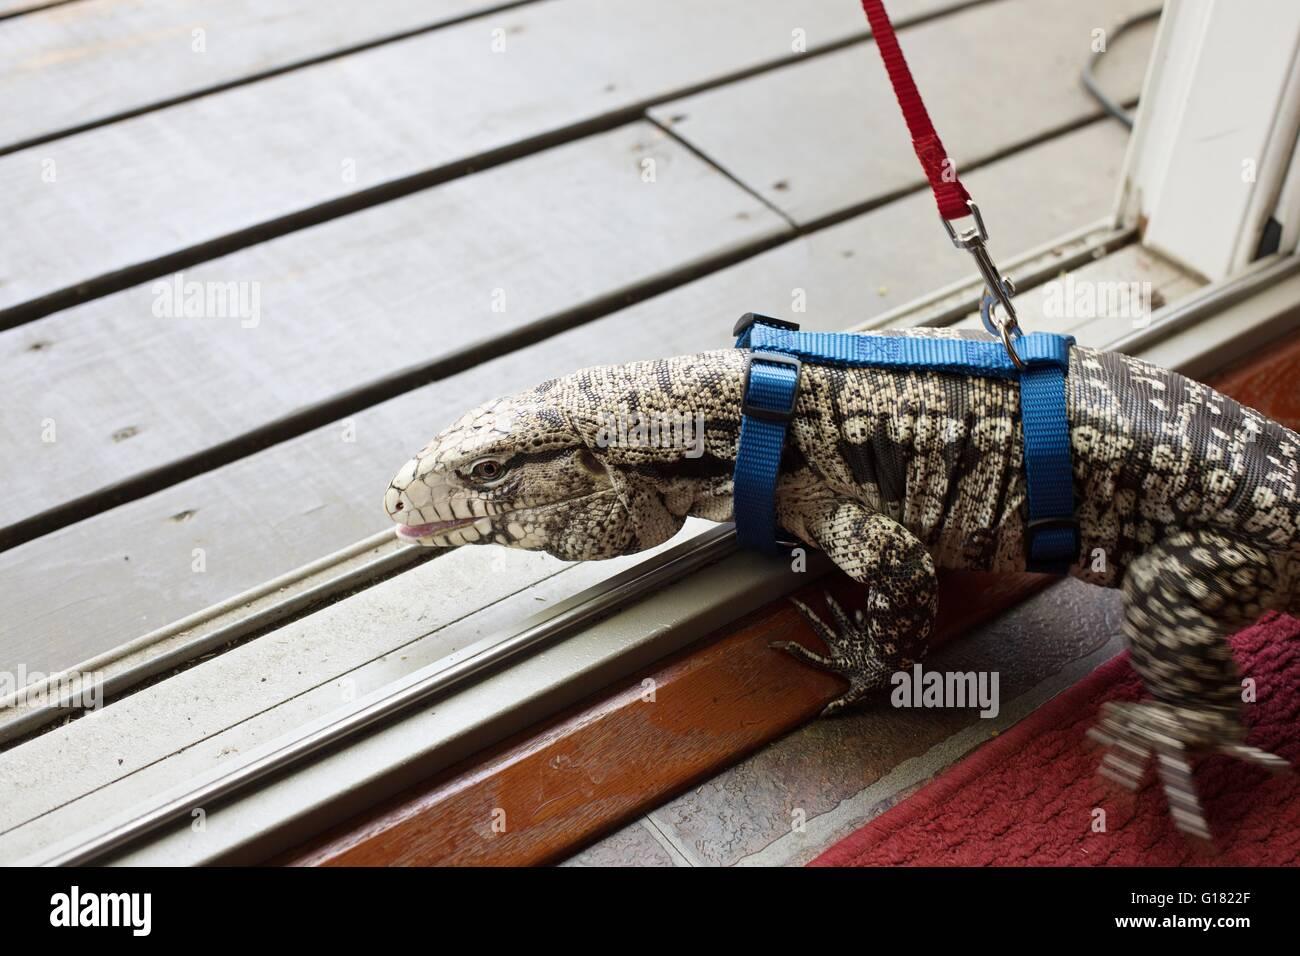 Un blanco y negro tegu argentino llevar un arnés y una correa, salir afuera a dar un paseo. Imagen De Stock